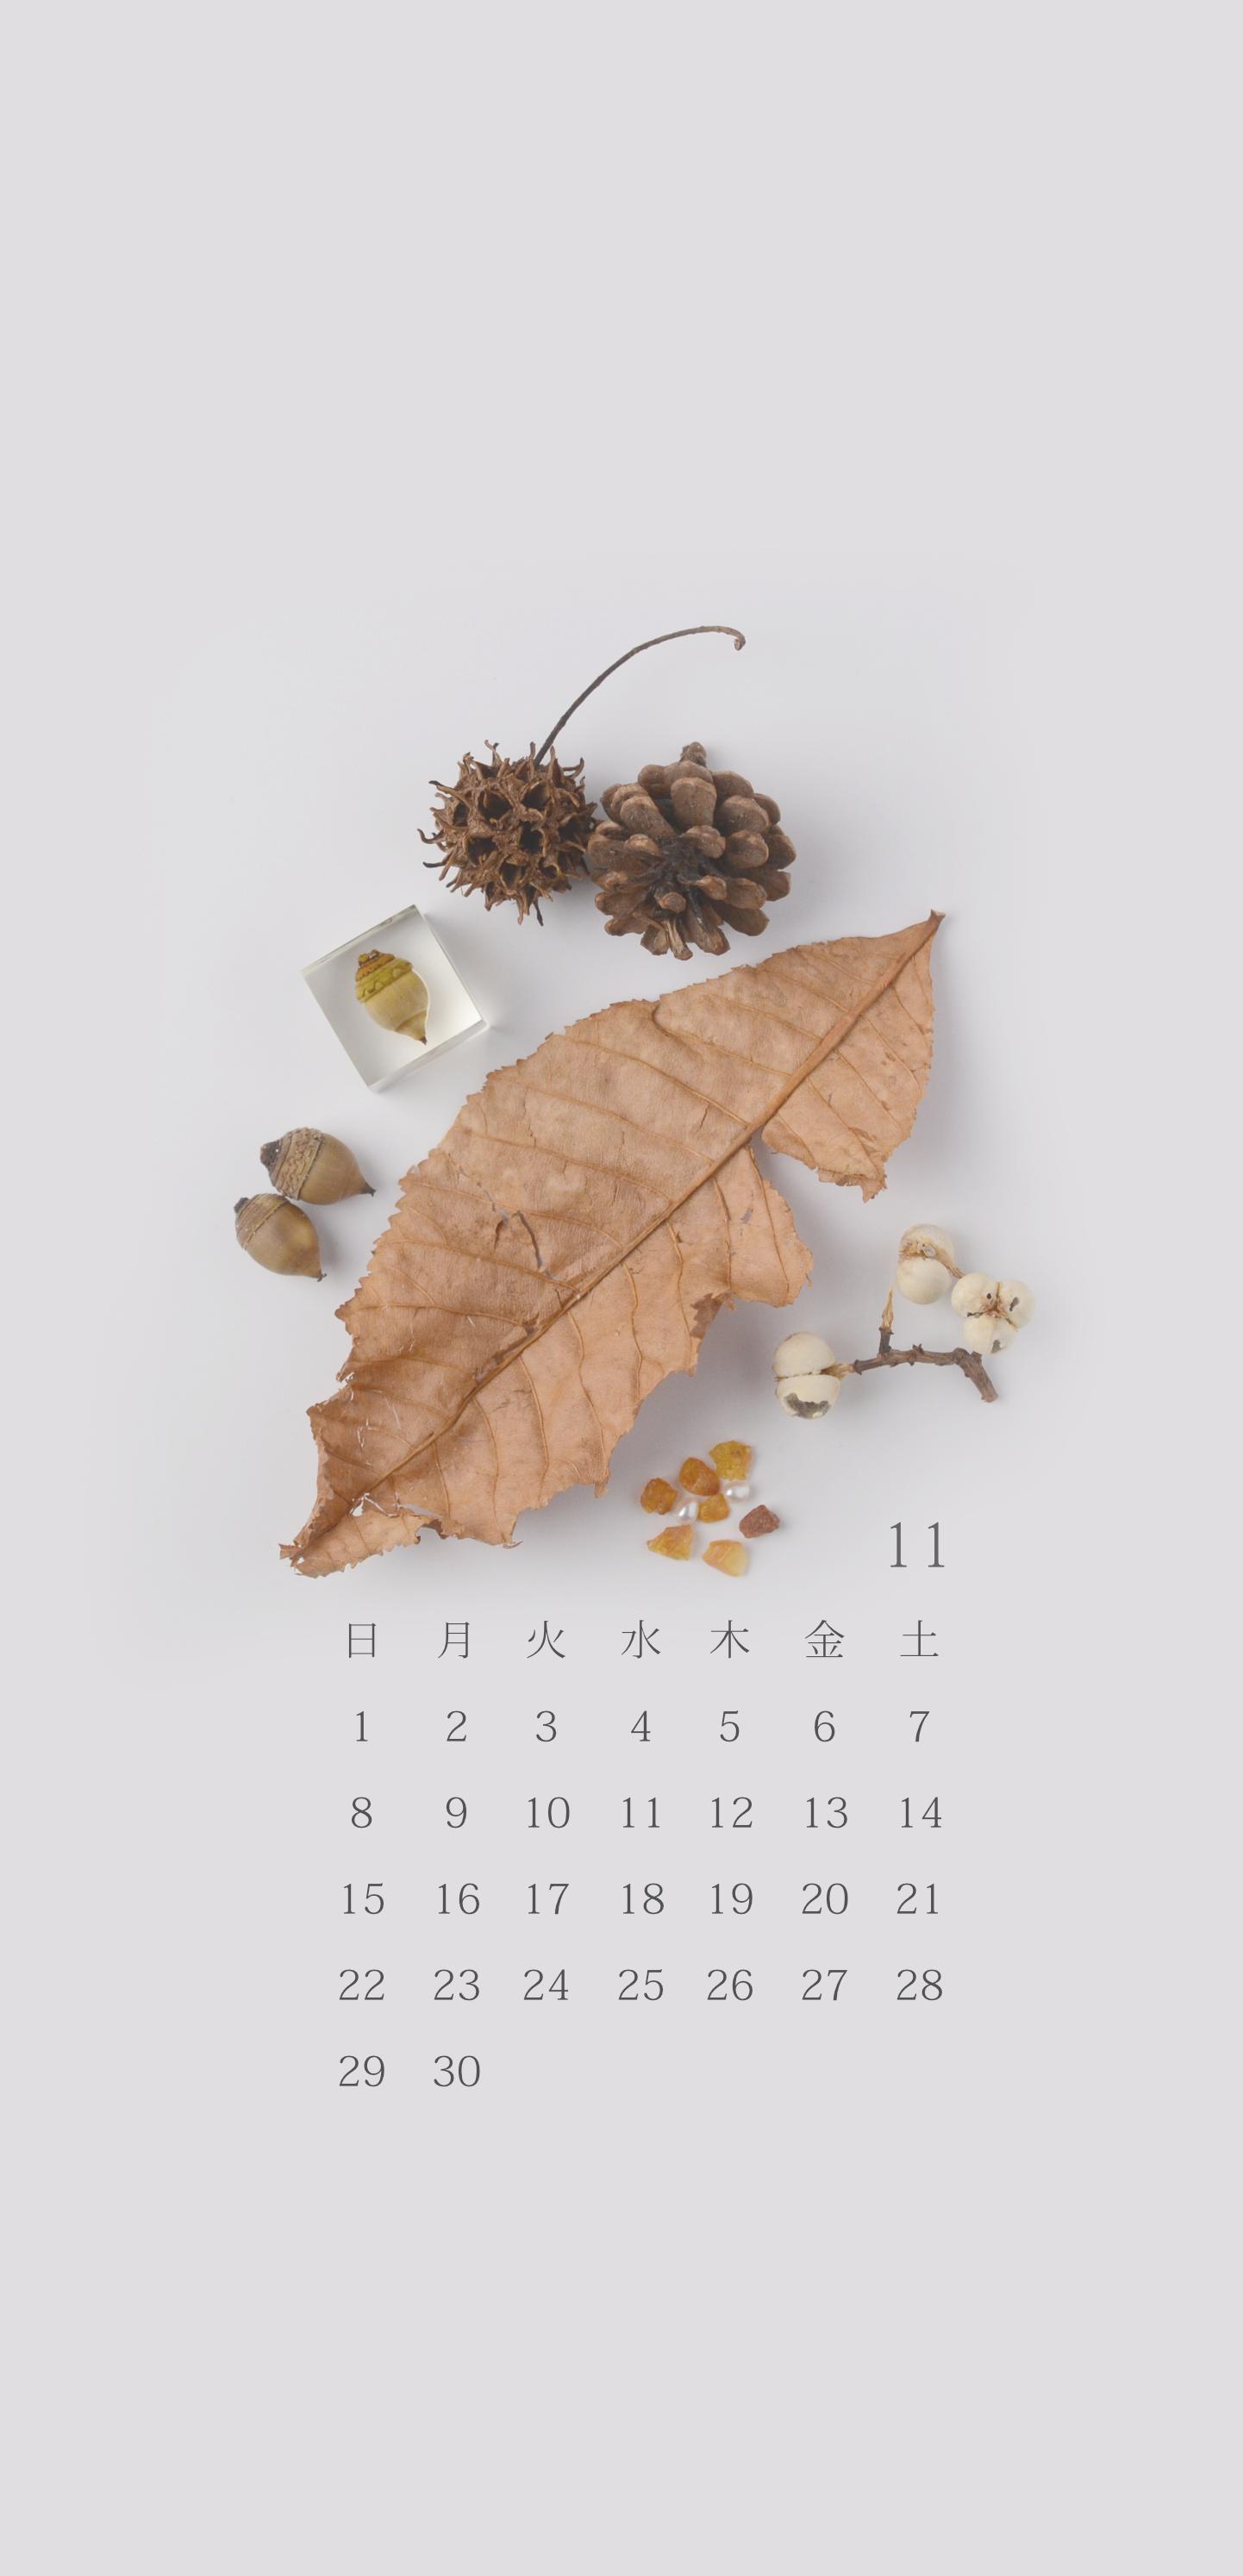 無料ロック画面カレンダー 「11月 どんぐりと秋の景色」